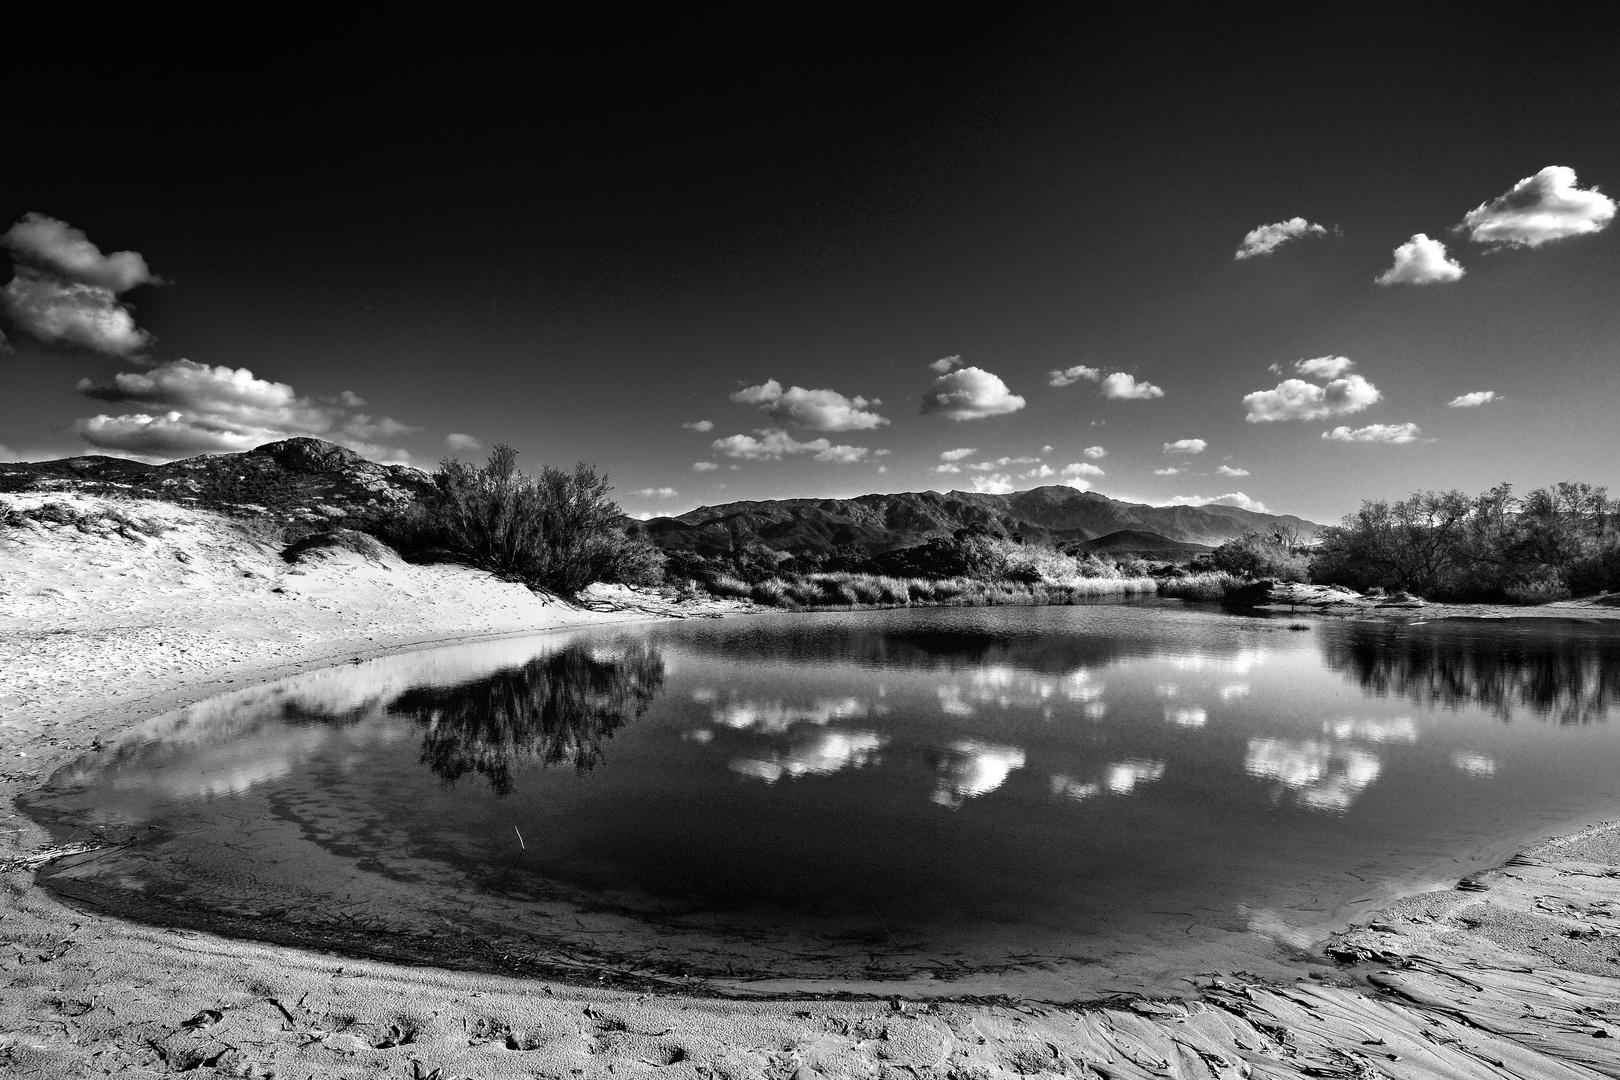 L'embouchure de l'Ostriconi, sur la plage du même nom à l'entrée du désert des Agriates